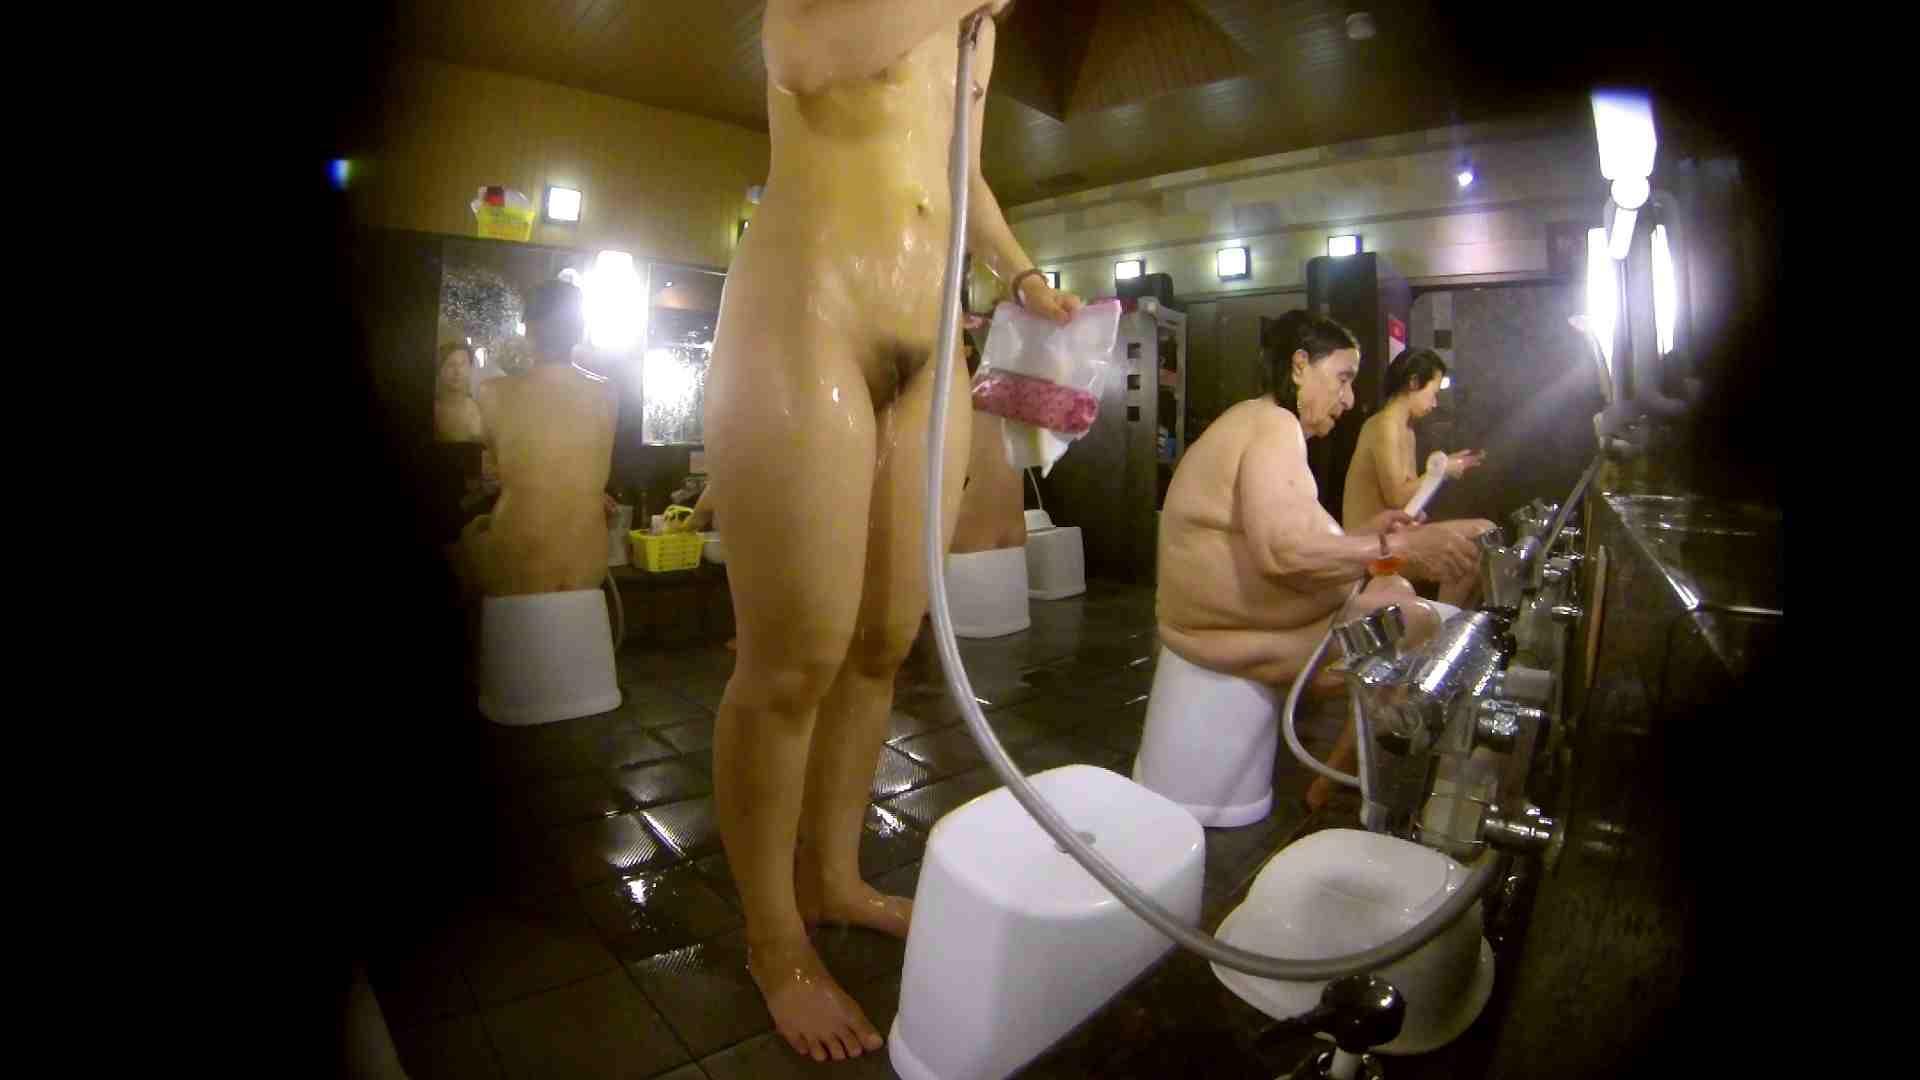 追い撮り!脱衣~洗い場、徹底追跡!撮り師さんに拍手!! 銭湯事情 セックス無修正動画無料 77枚 60